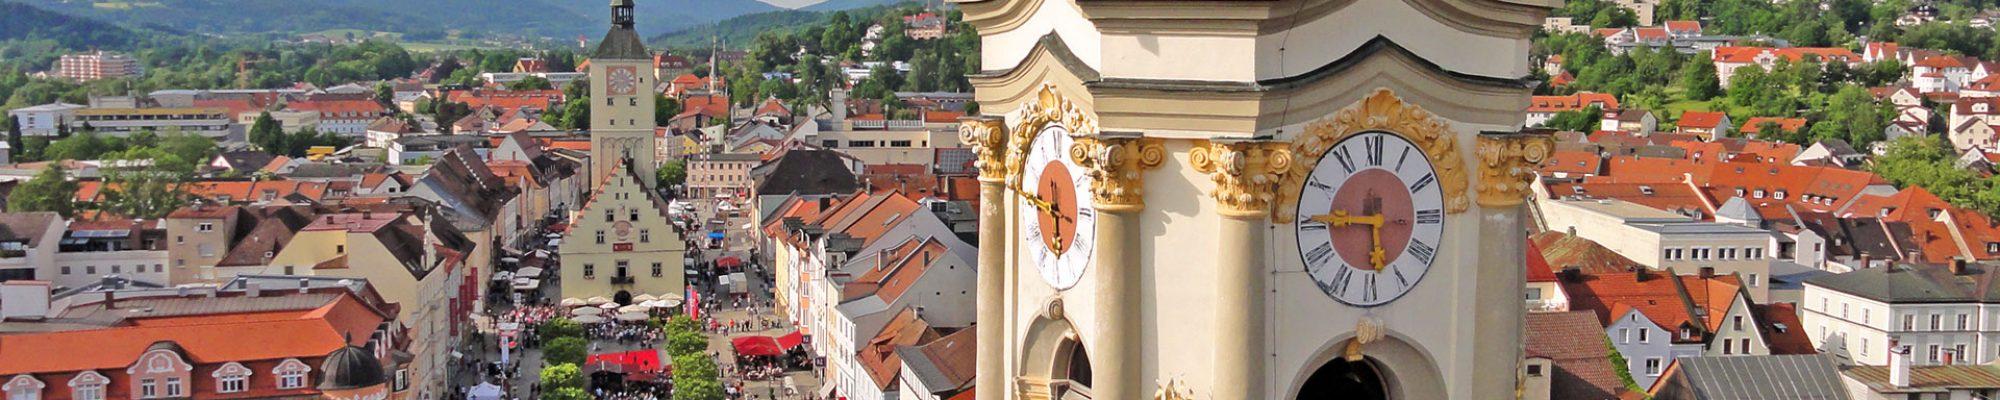 deggendorf-innenstadt-mit-altem-rathaus